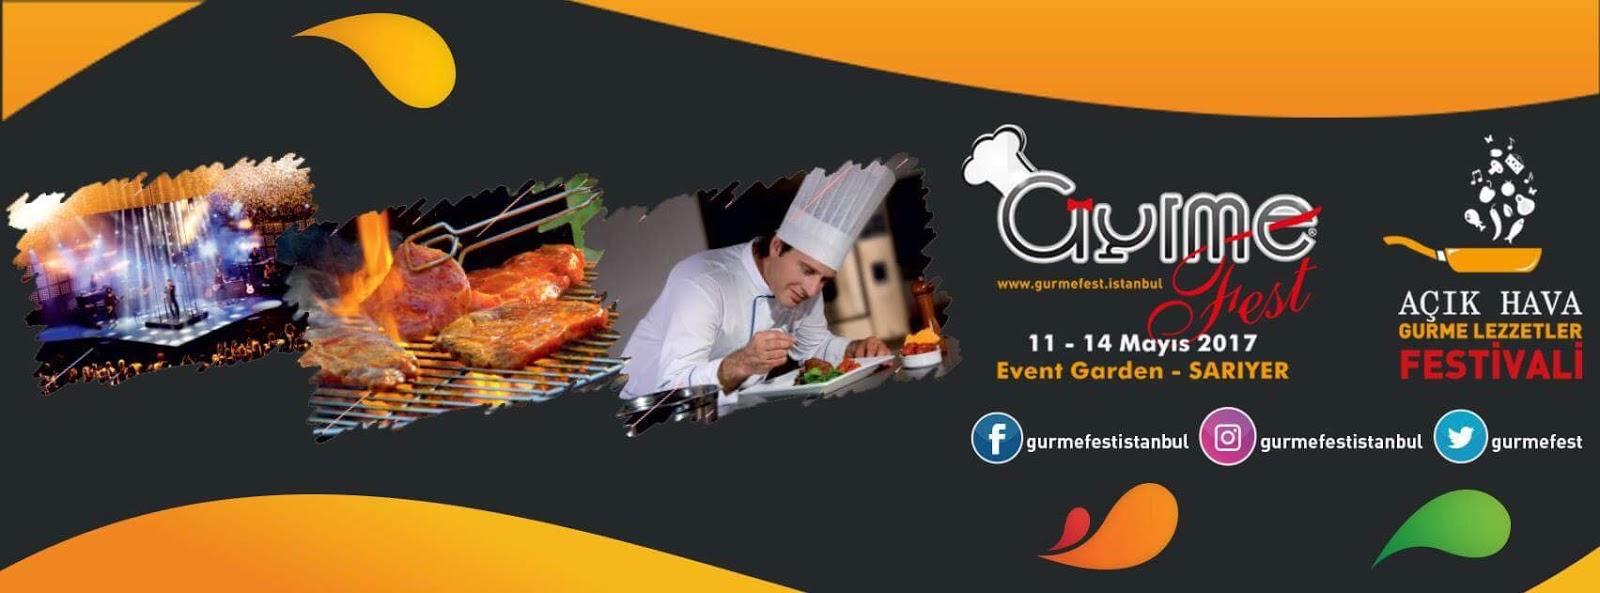 Açık Hava Gurme Lezzetler Festivali GurmeFest – İstanbul için geri sayım başladı.